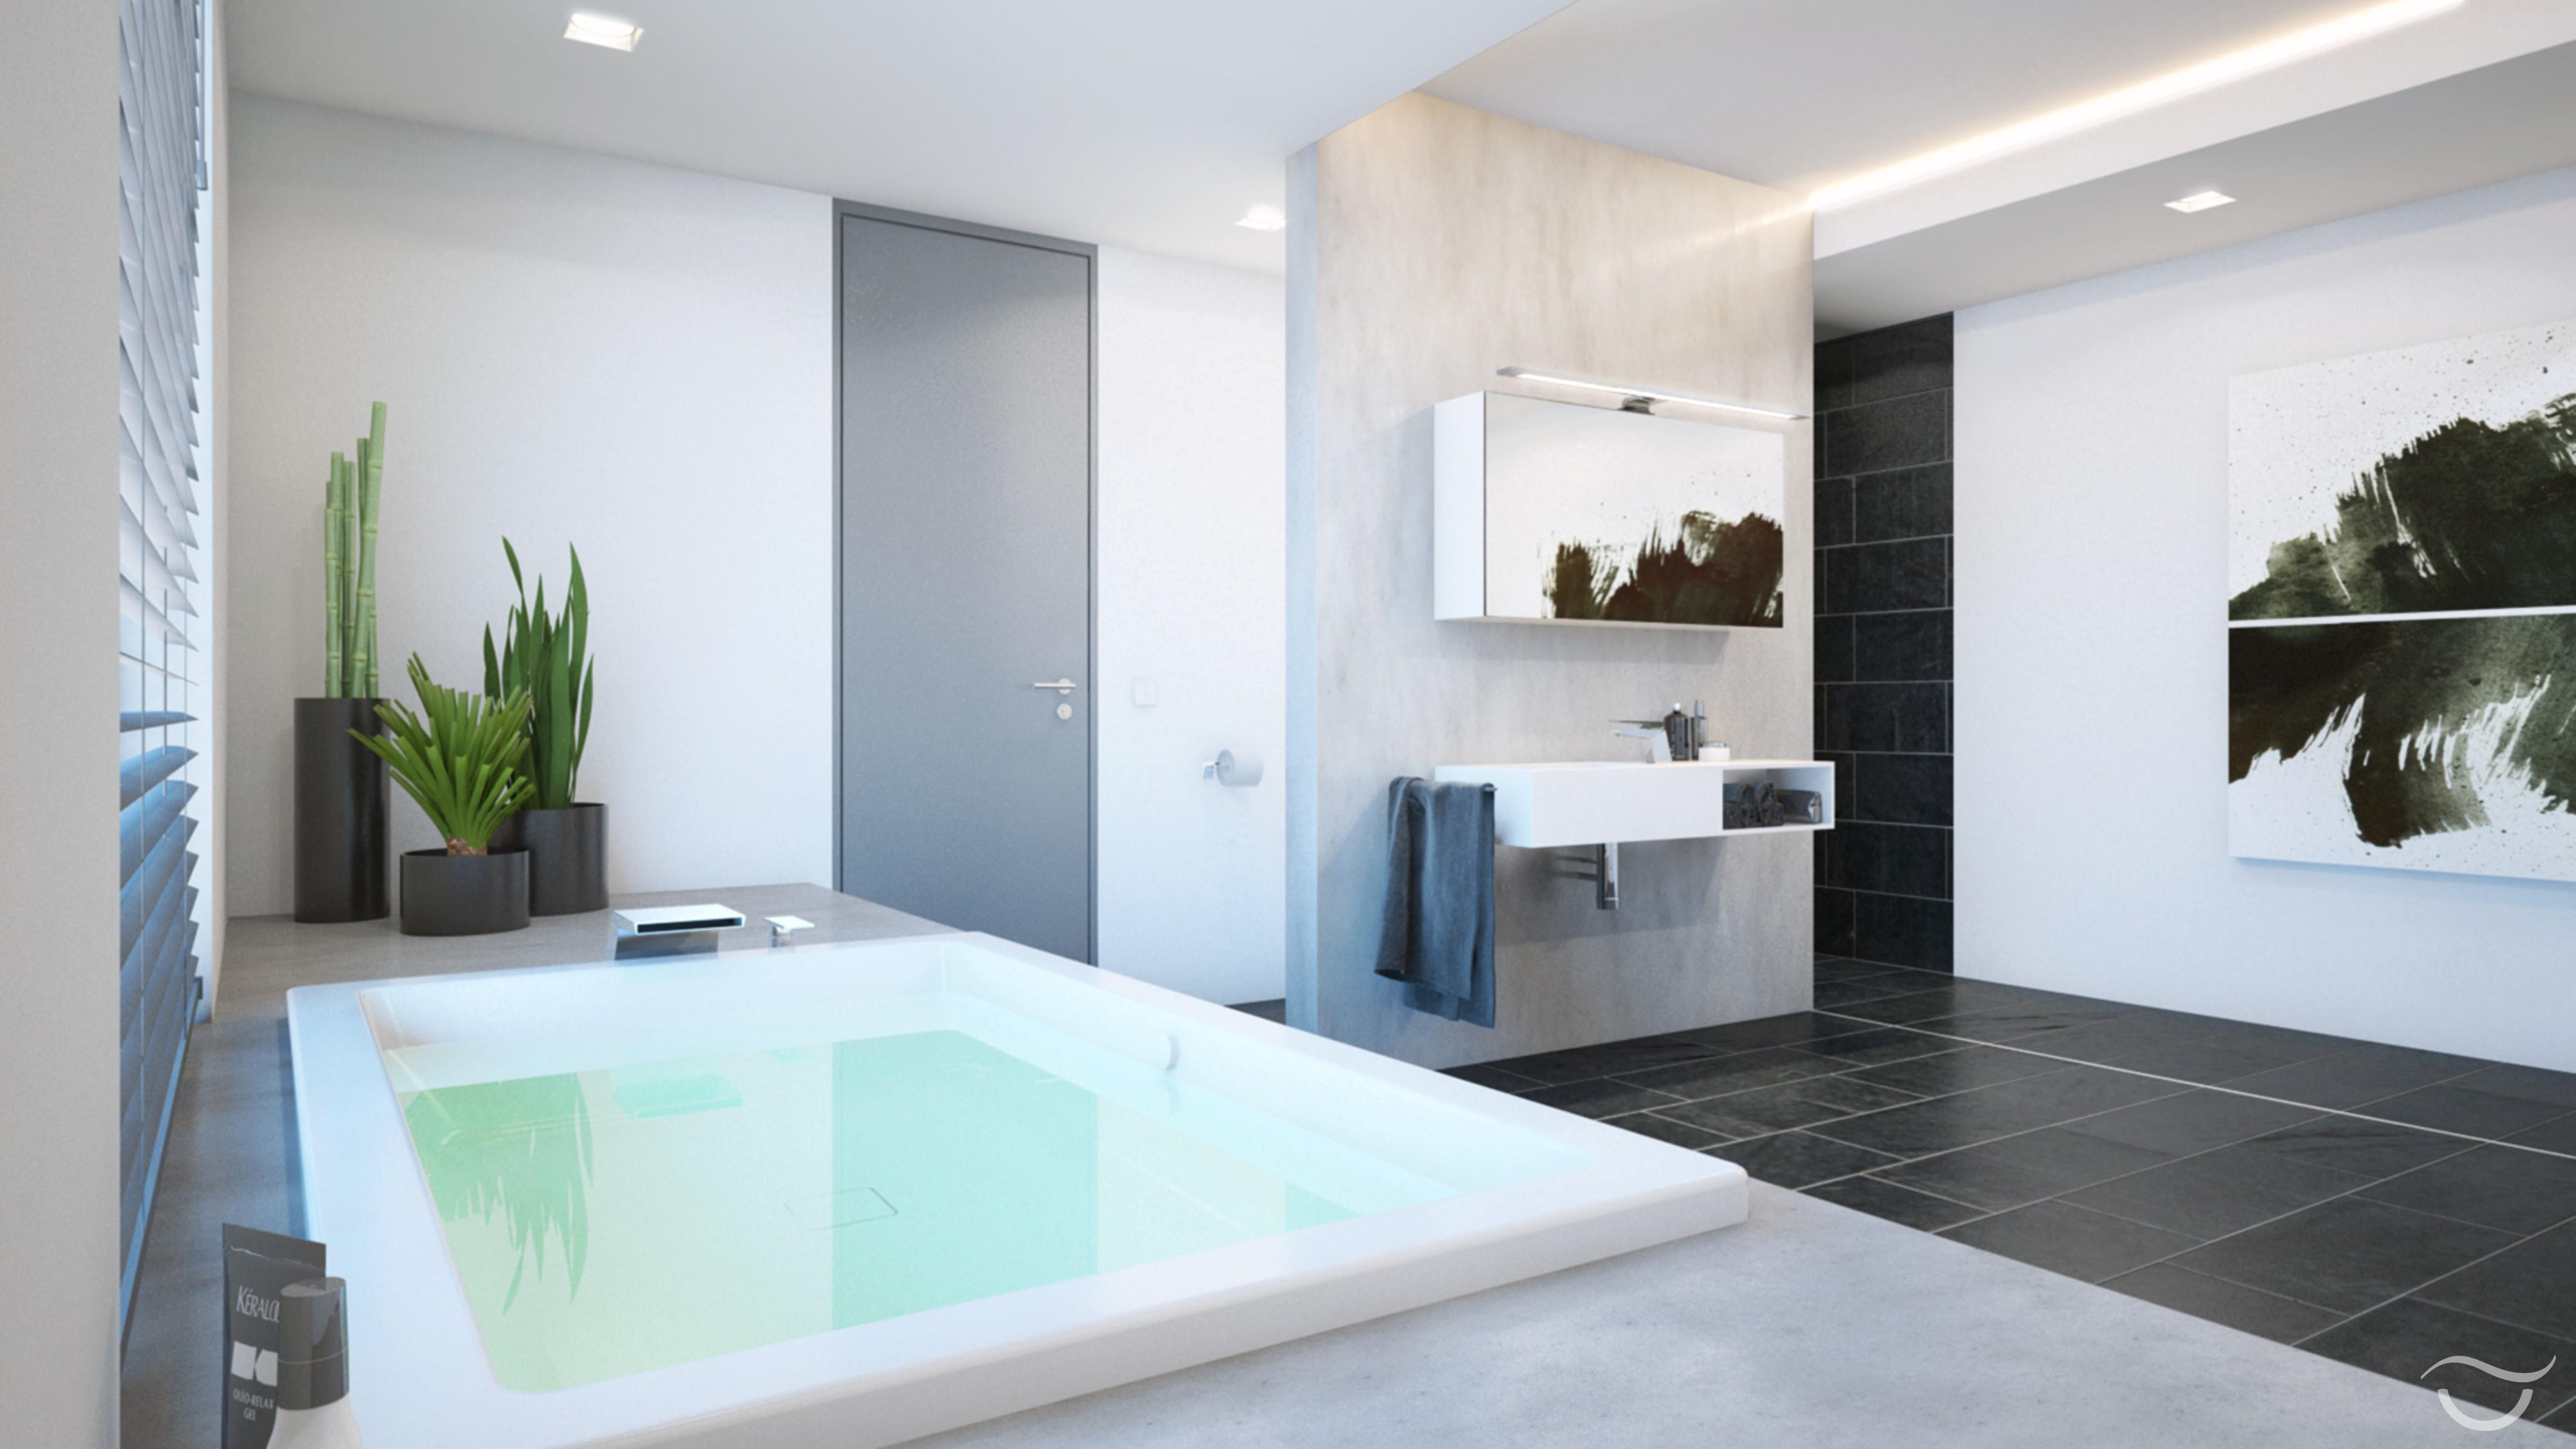 Die Großzügige Badewanne Lädt Zum Verweilen Ein #badewanne #extravagant  #stylisch ©Banovo GmbH